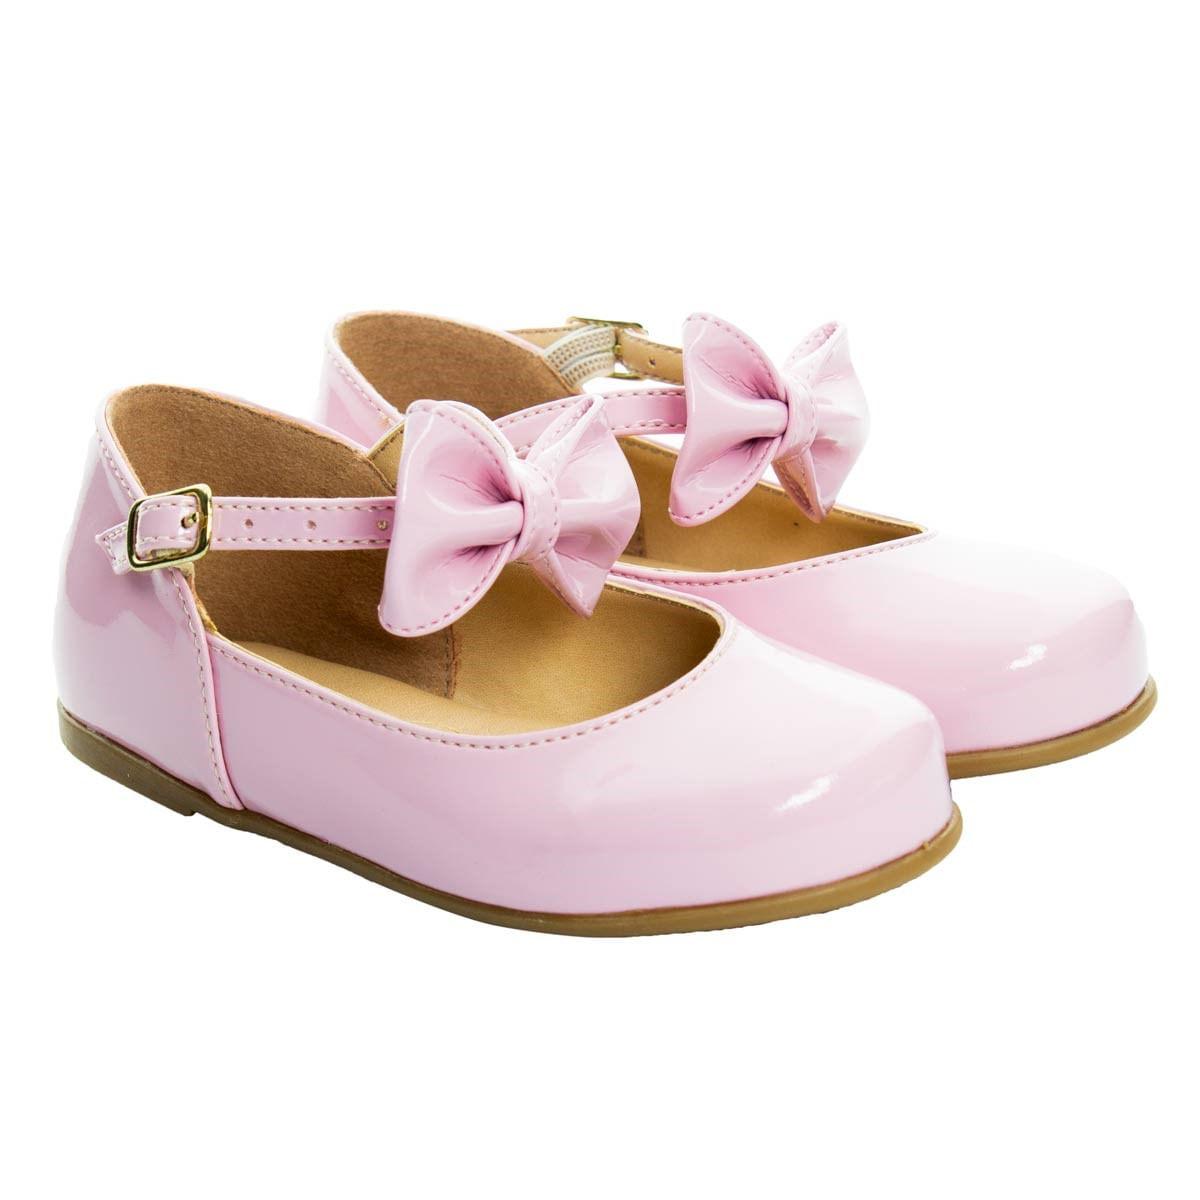 Sapato-Boneca-Baby-Social-com-Laco-Ludique-et-Badin--16-ao-24-